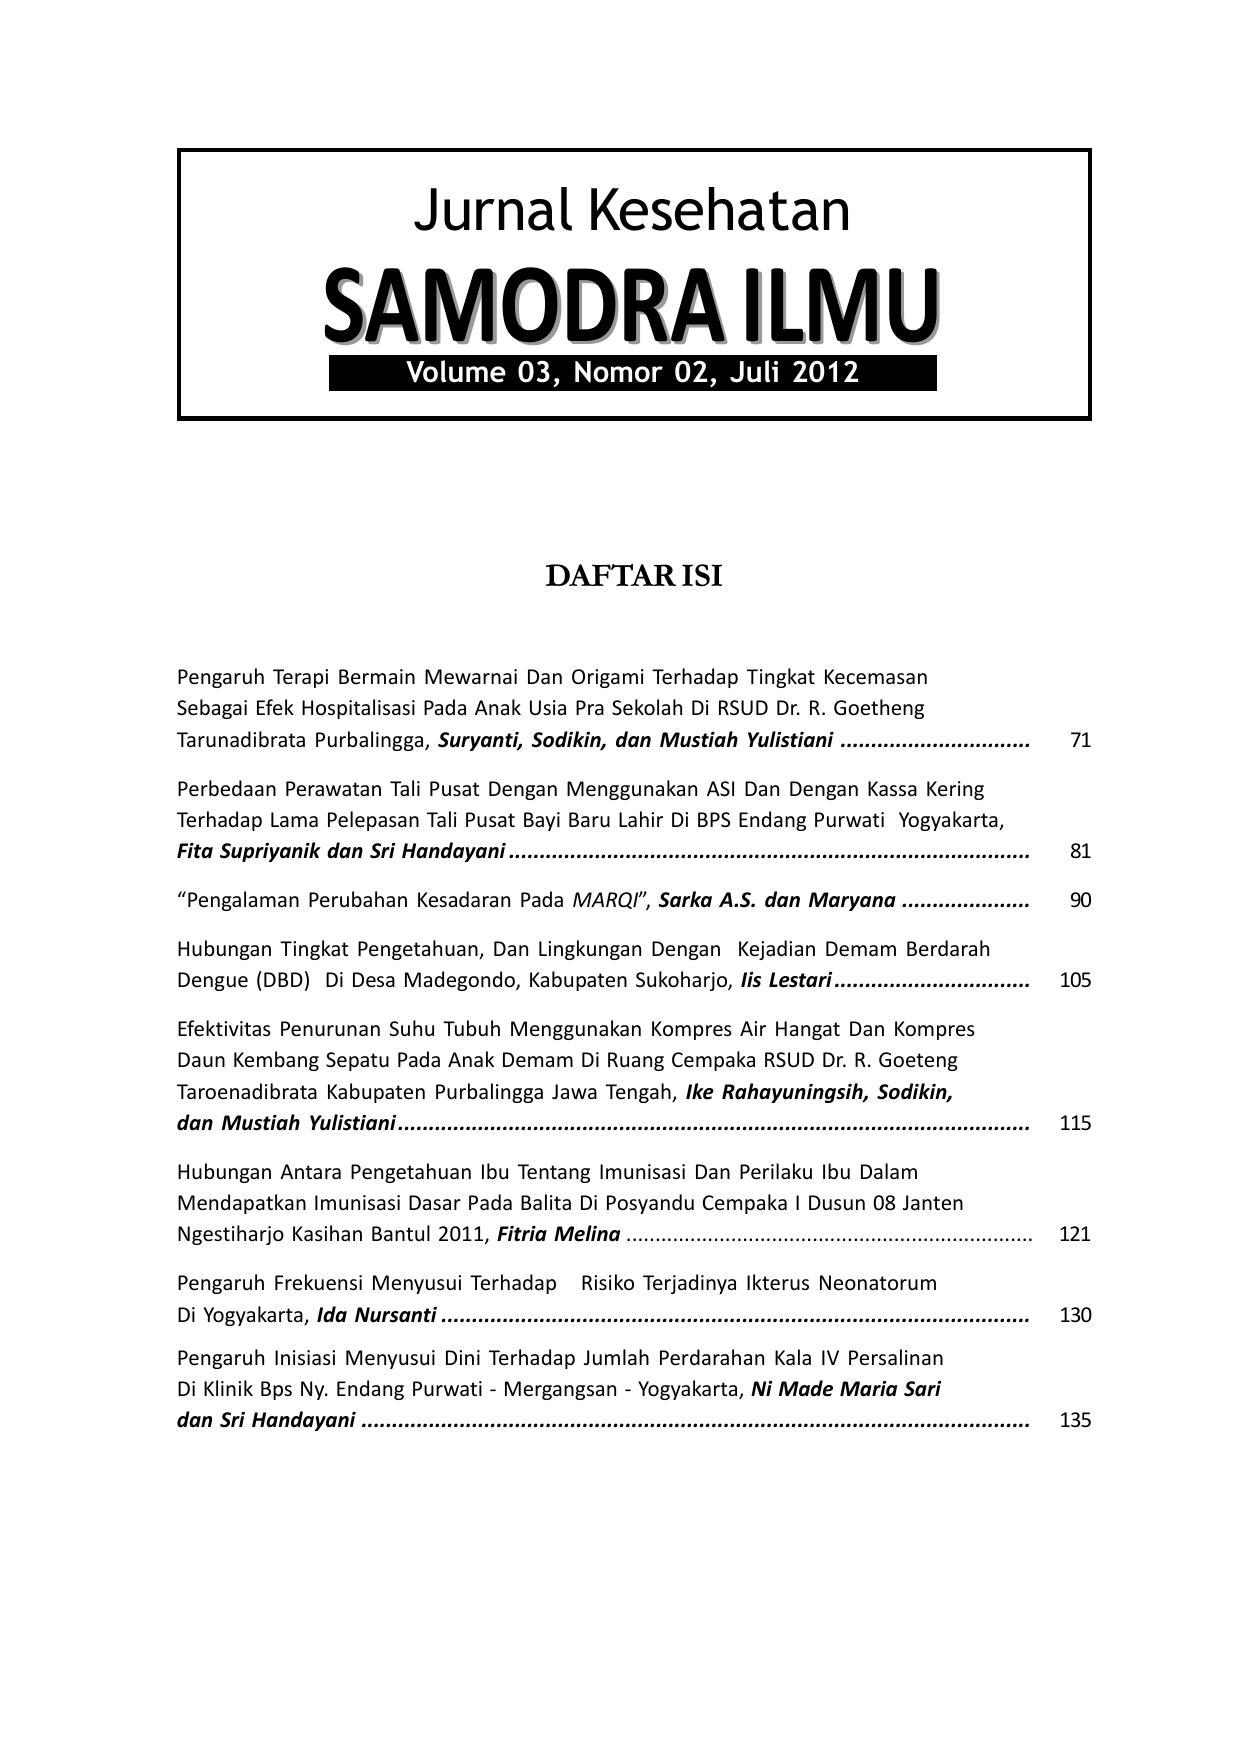 Jurnal Edisi 6d Fakultas MIPA Dan Kesehatan